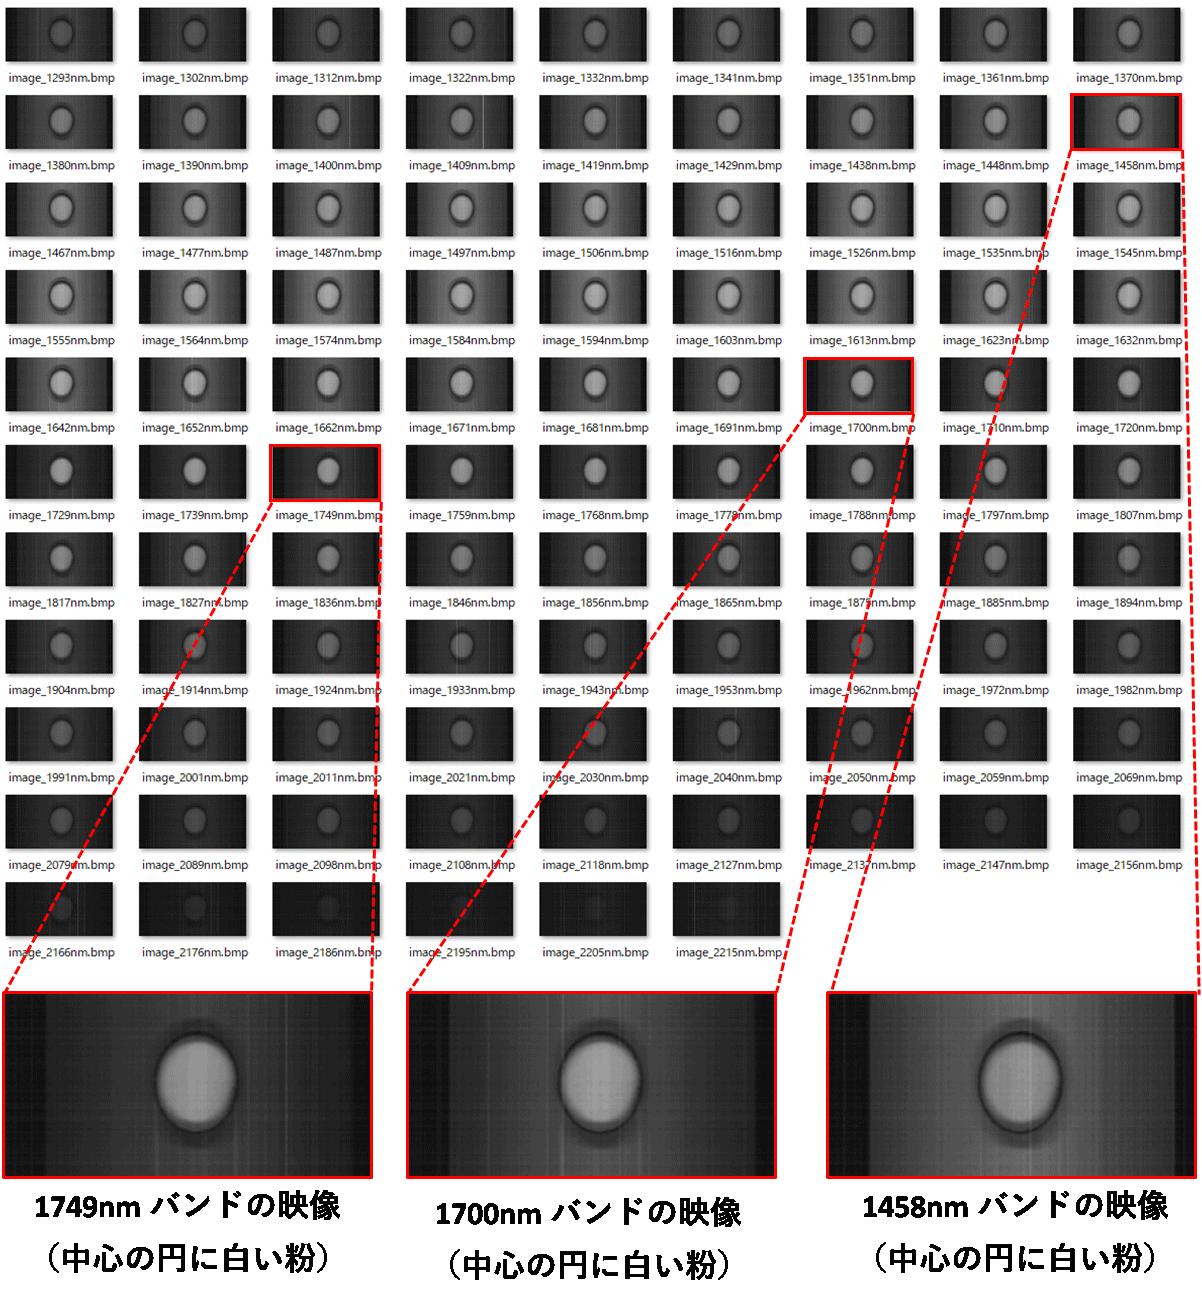 ハイパースペクトルカメラで撮影した塩の画像